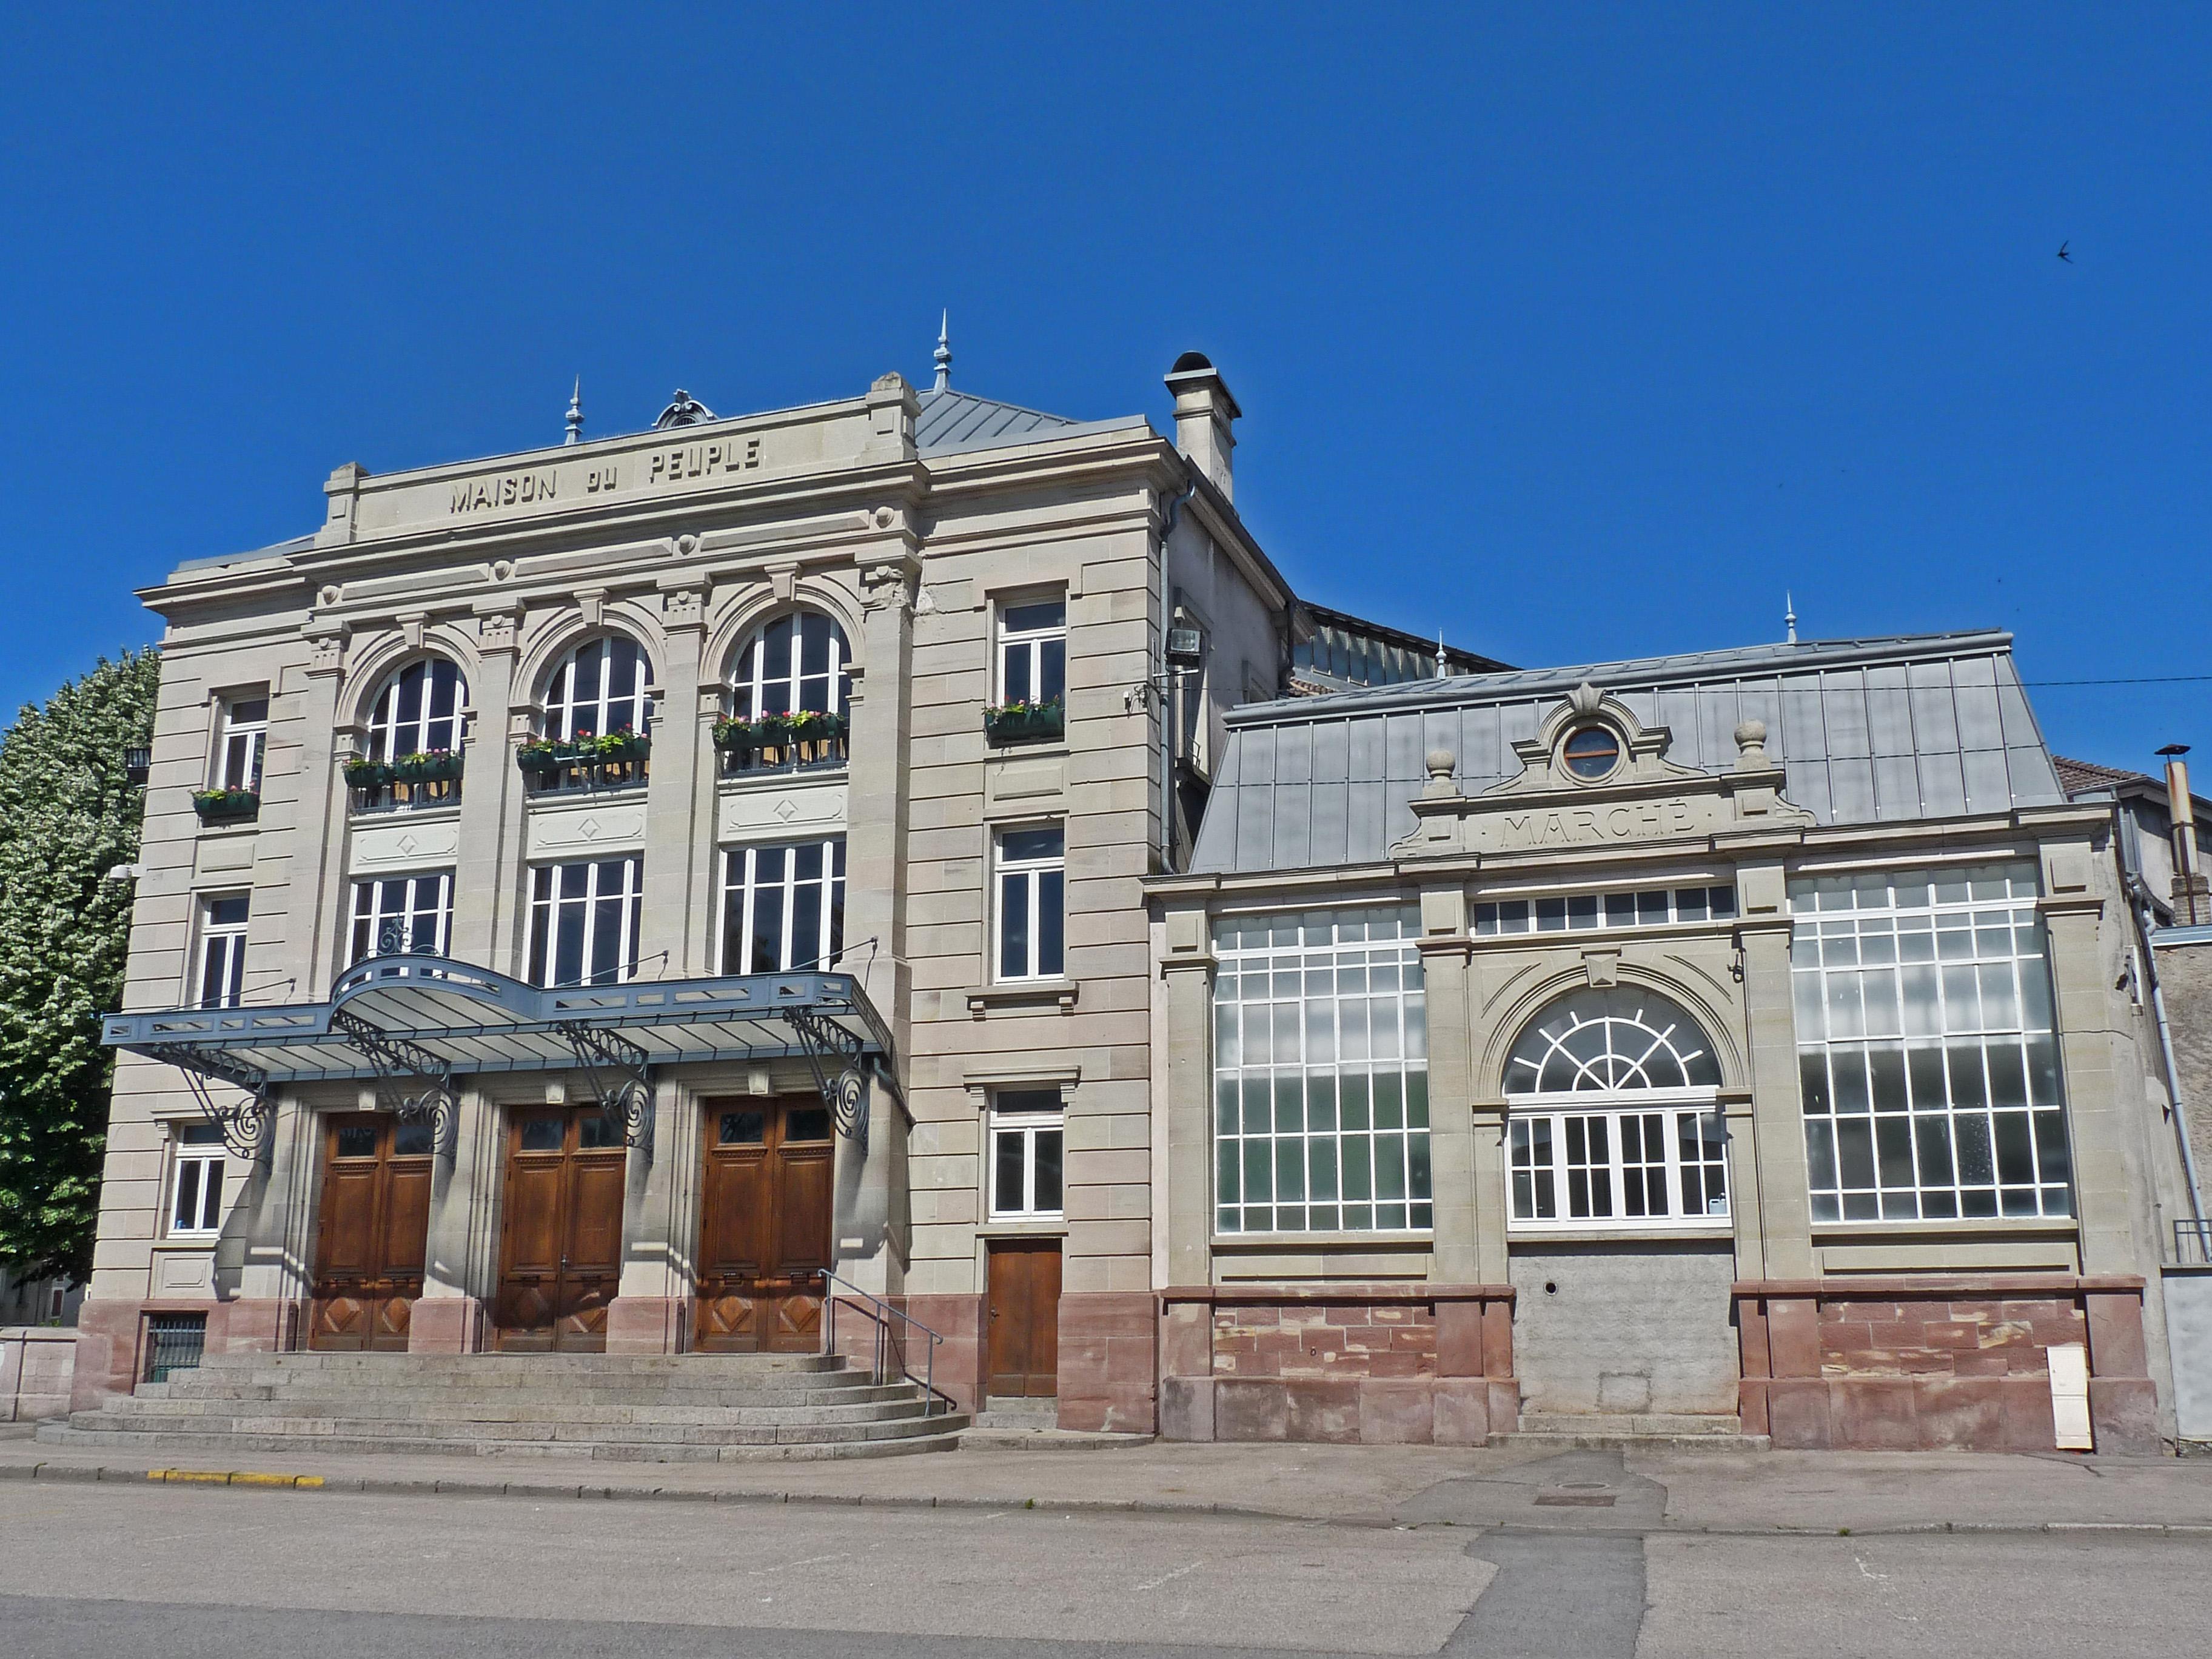 Maison du maison du citoyen la maison du peuple victor for Maison du monde wikipedia